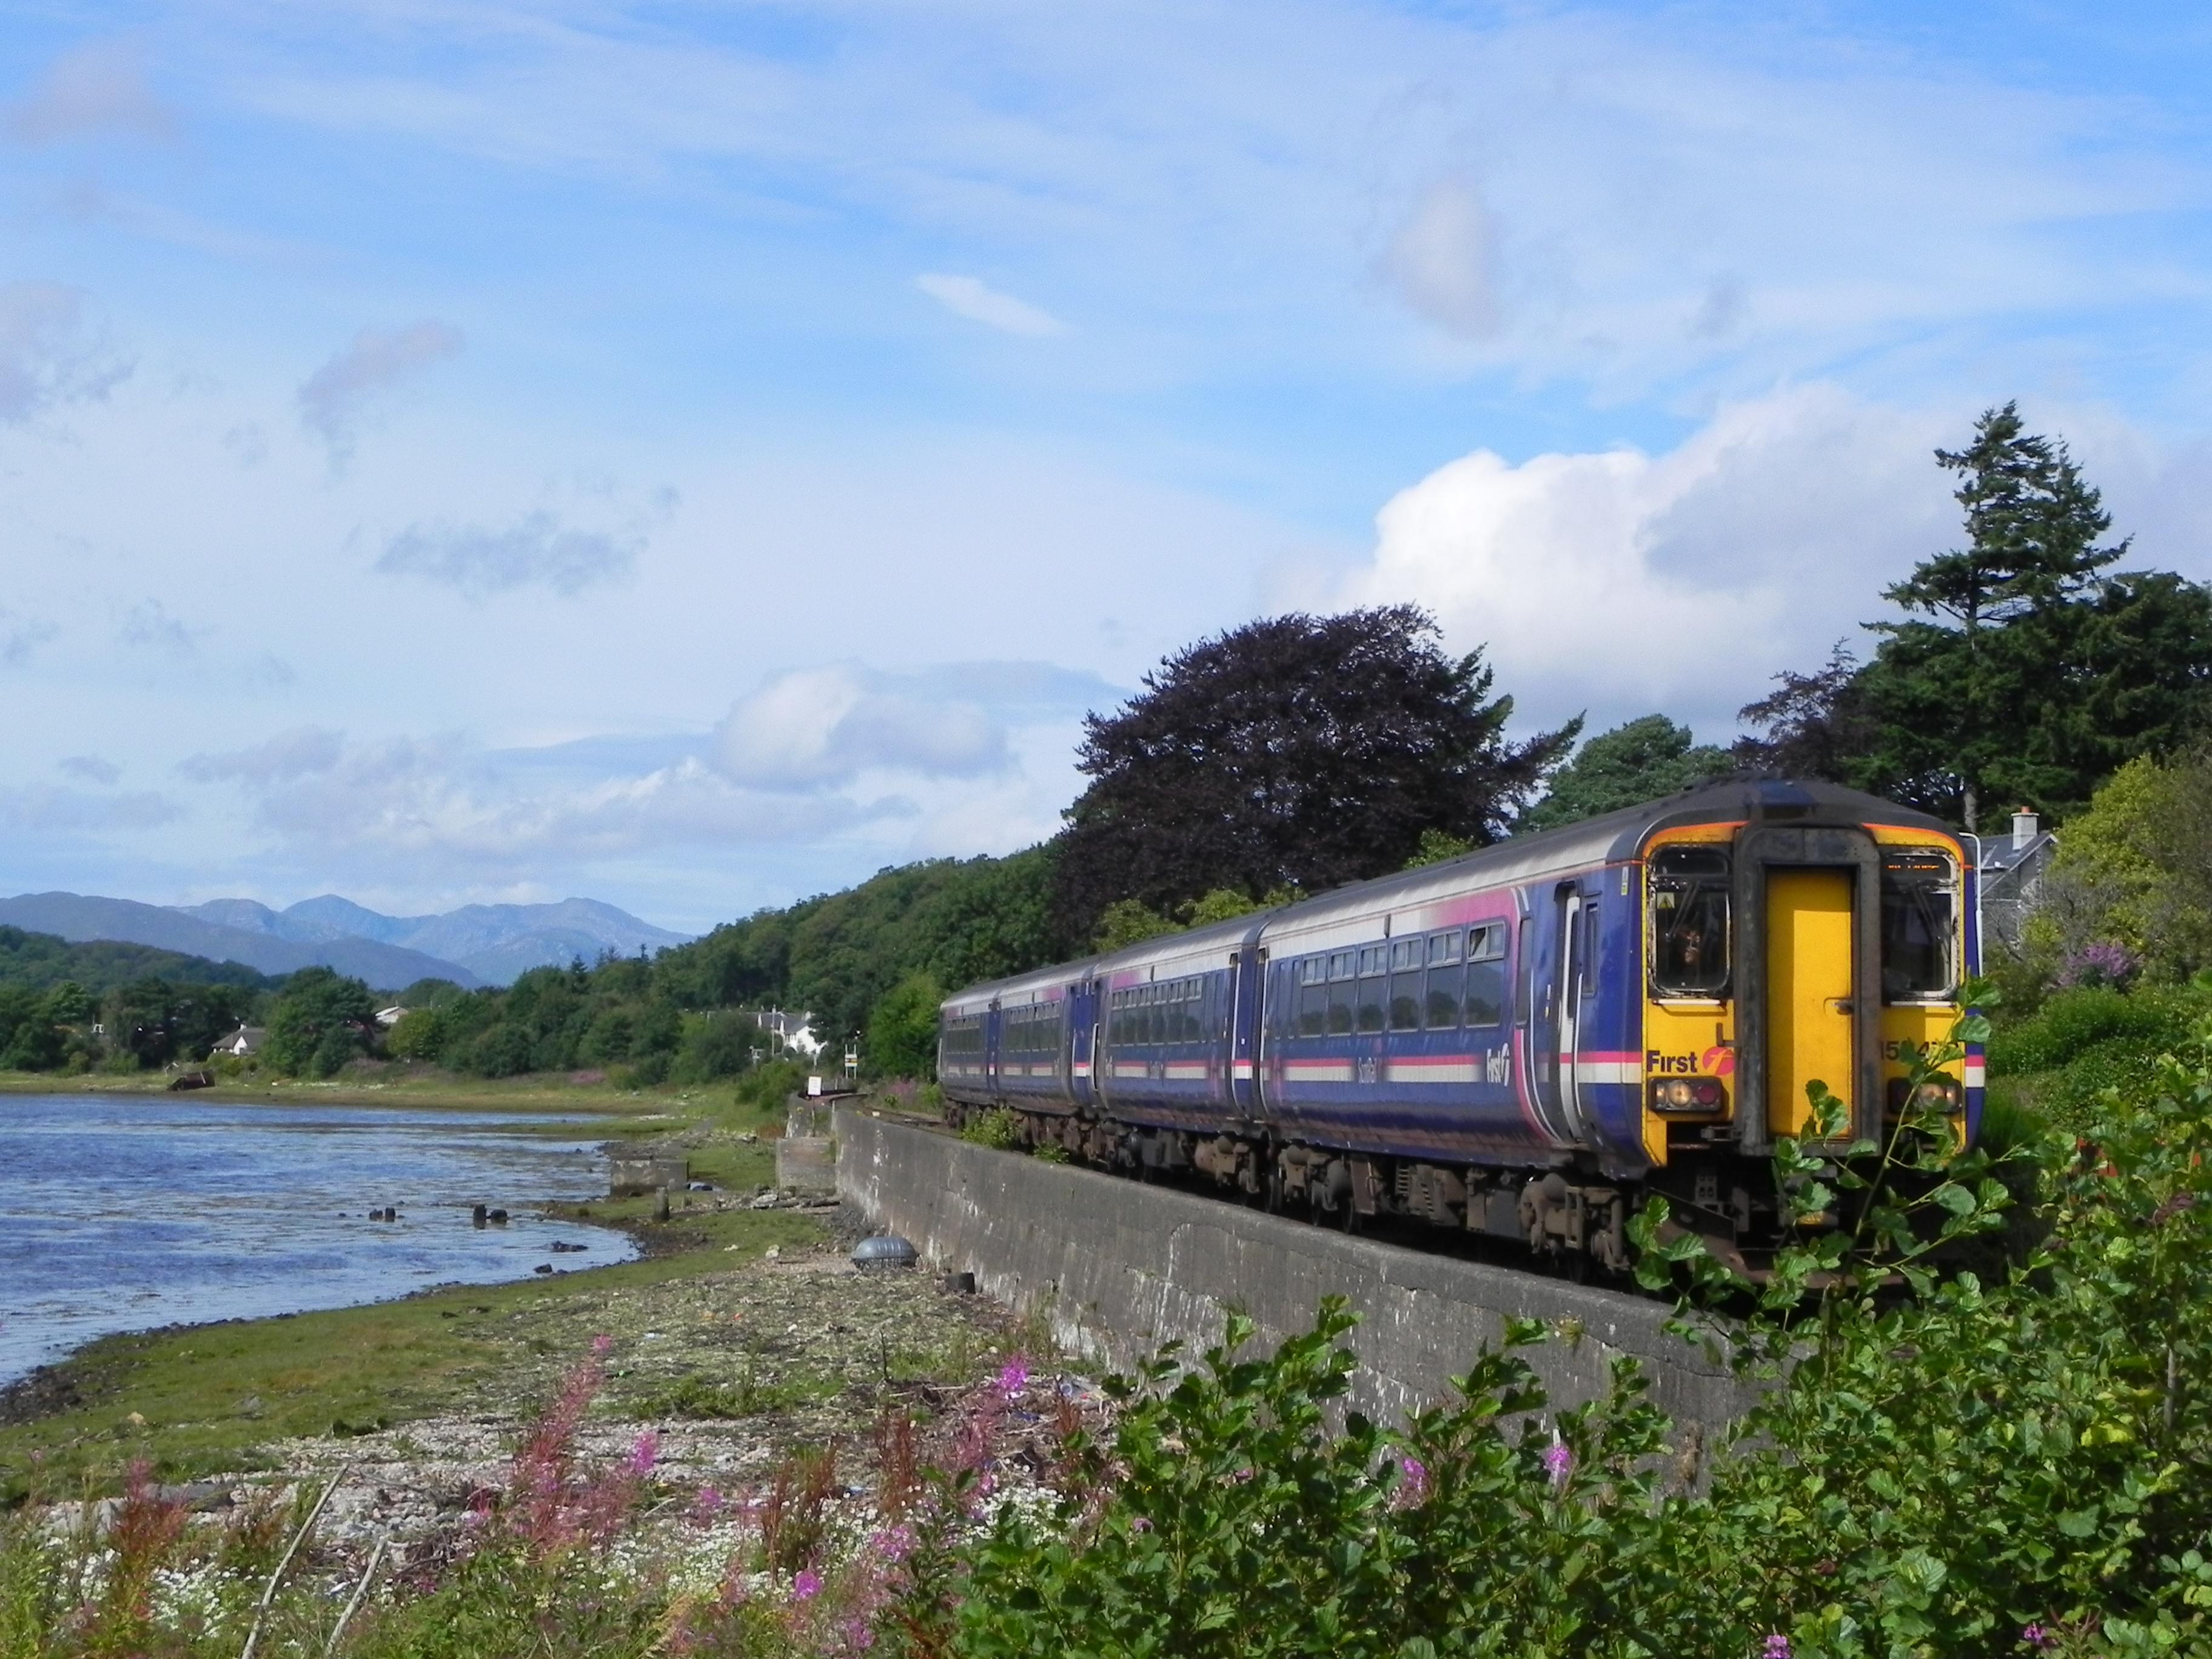 Zug von Mallig nach Glasgow bei Corpach